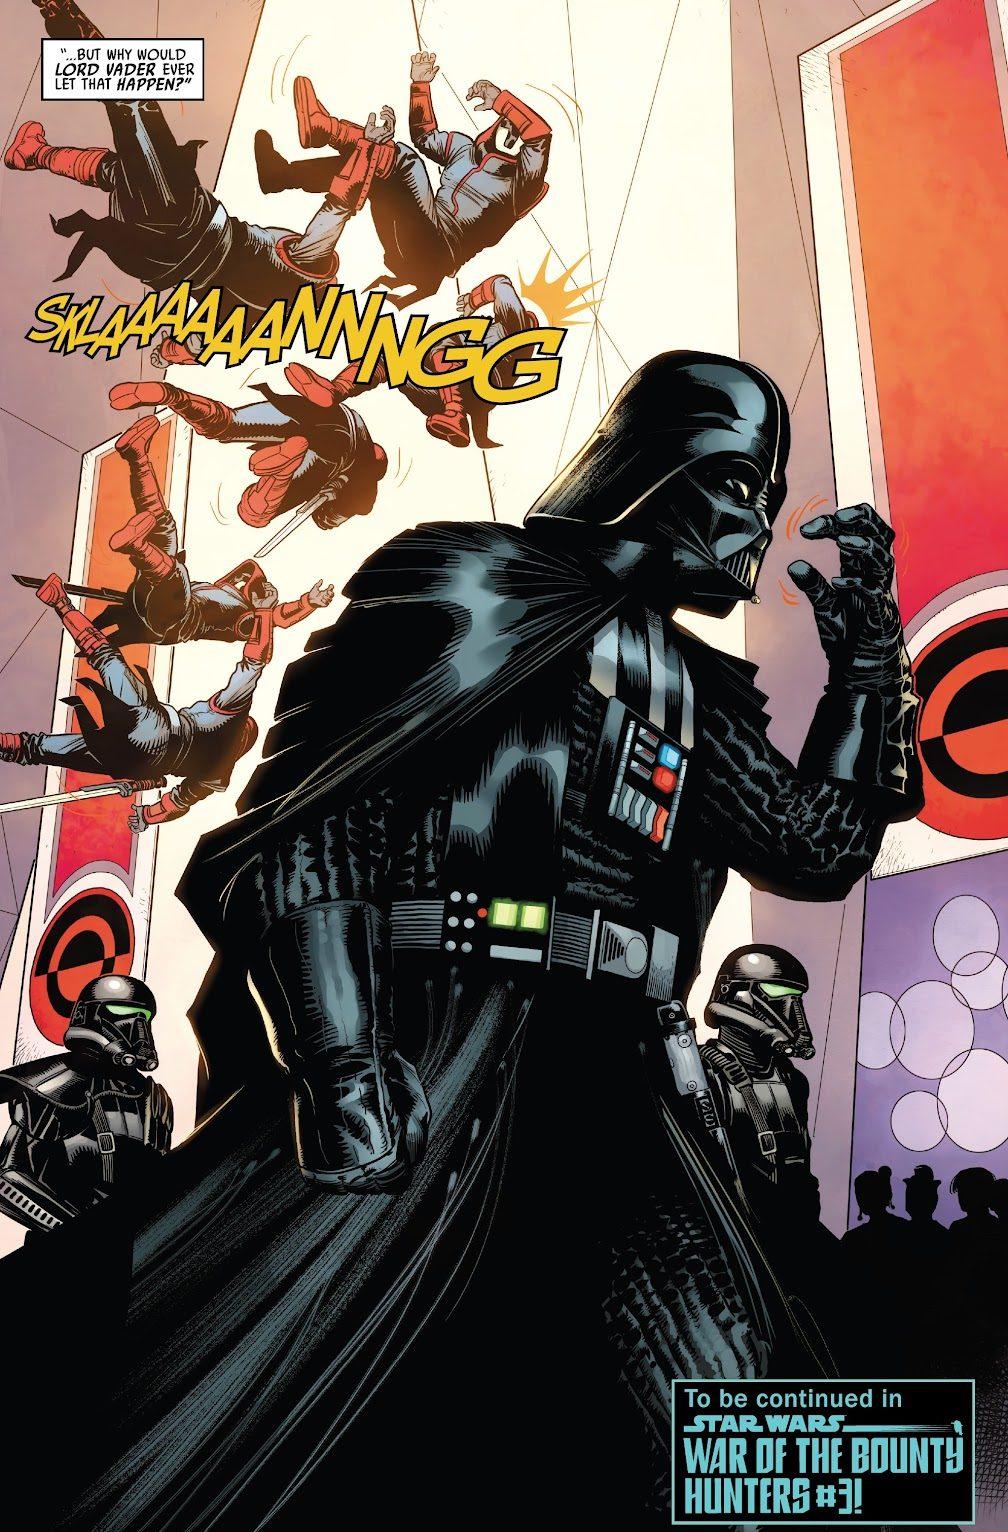 Star Wars Darth Vader Vol. 1 #14 2